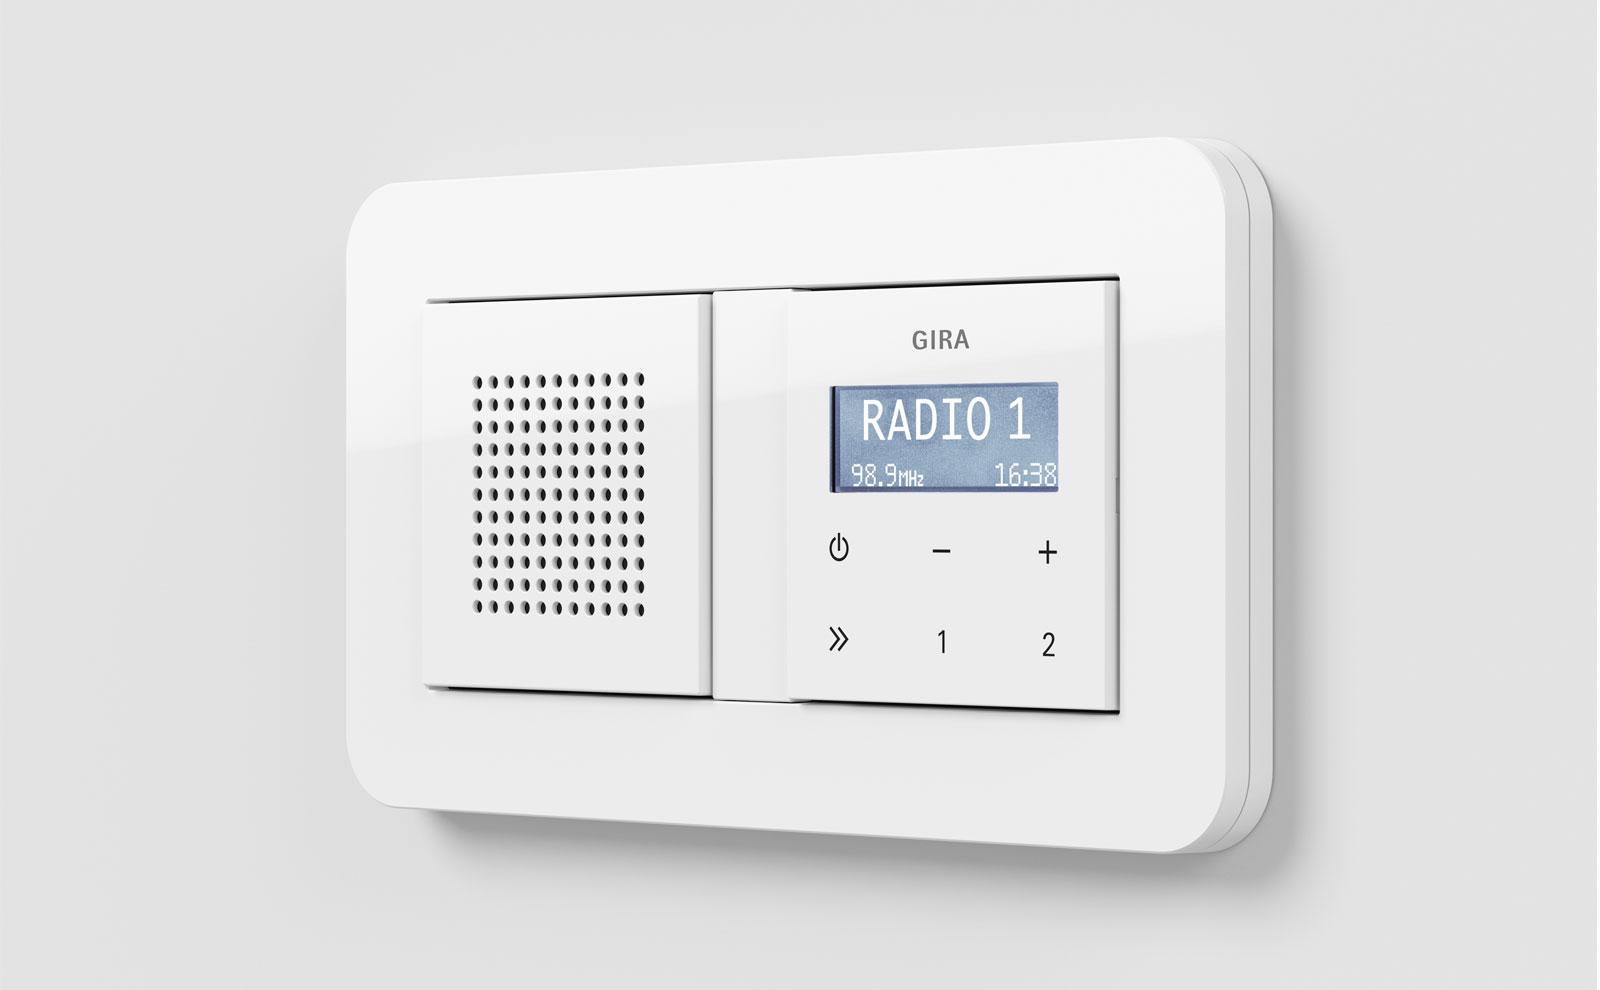 gira-radio